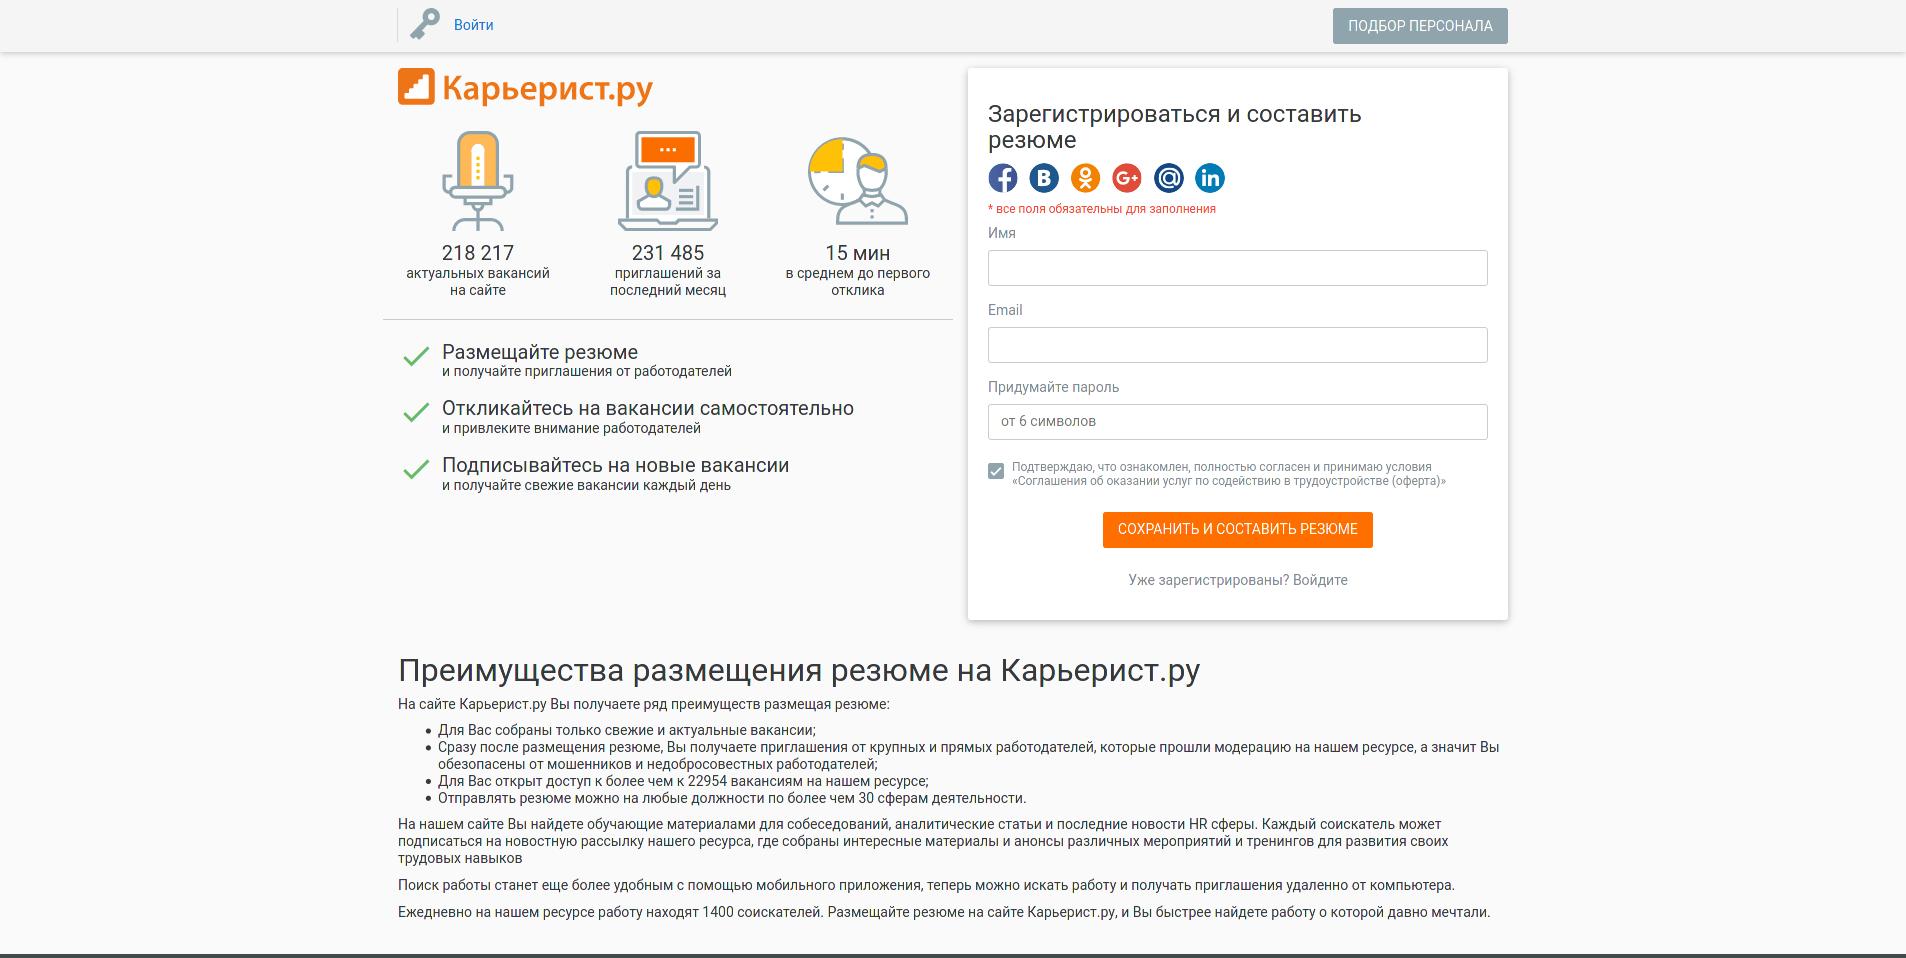 Screenshot_2021-03-05 Составить и разместить резюме в Москве онлайн.png